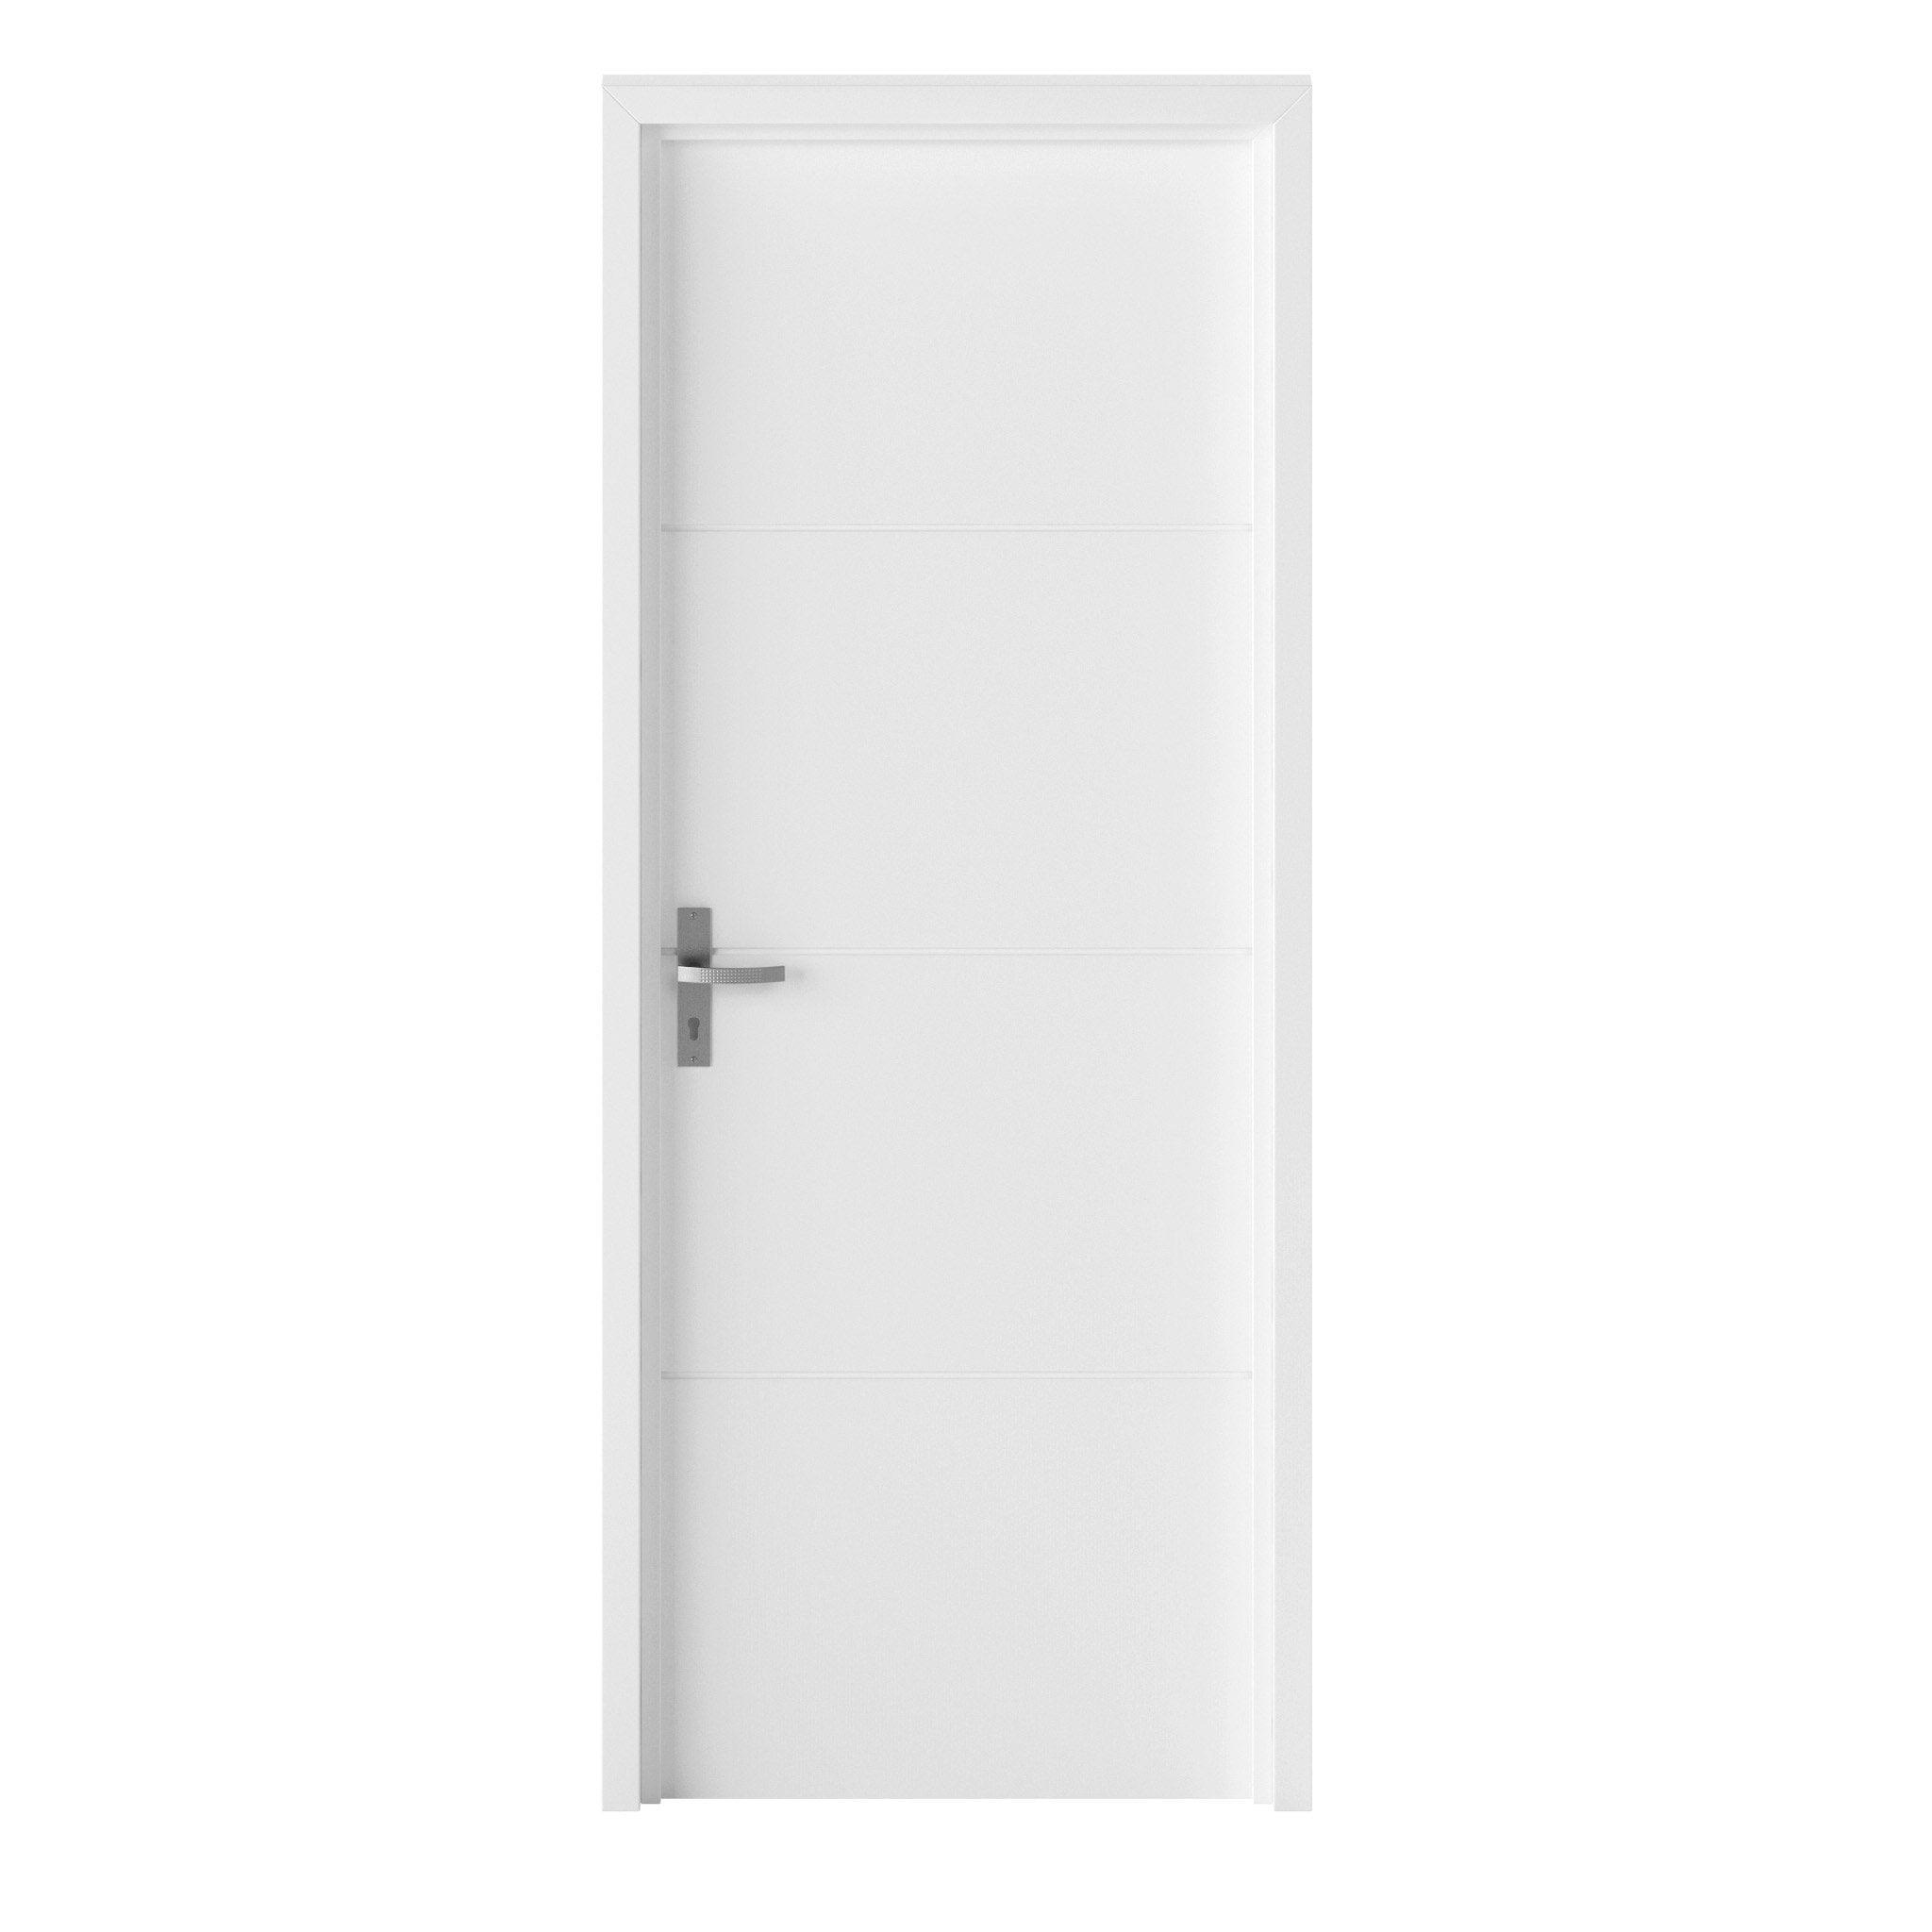 Bloc-porte bois revêtu Lali, blancrainuré H.204 x l.83 cm, poussant droit